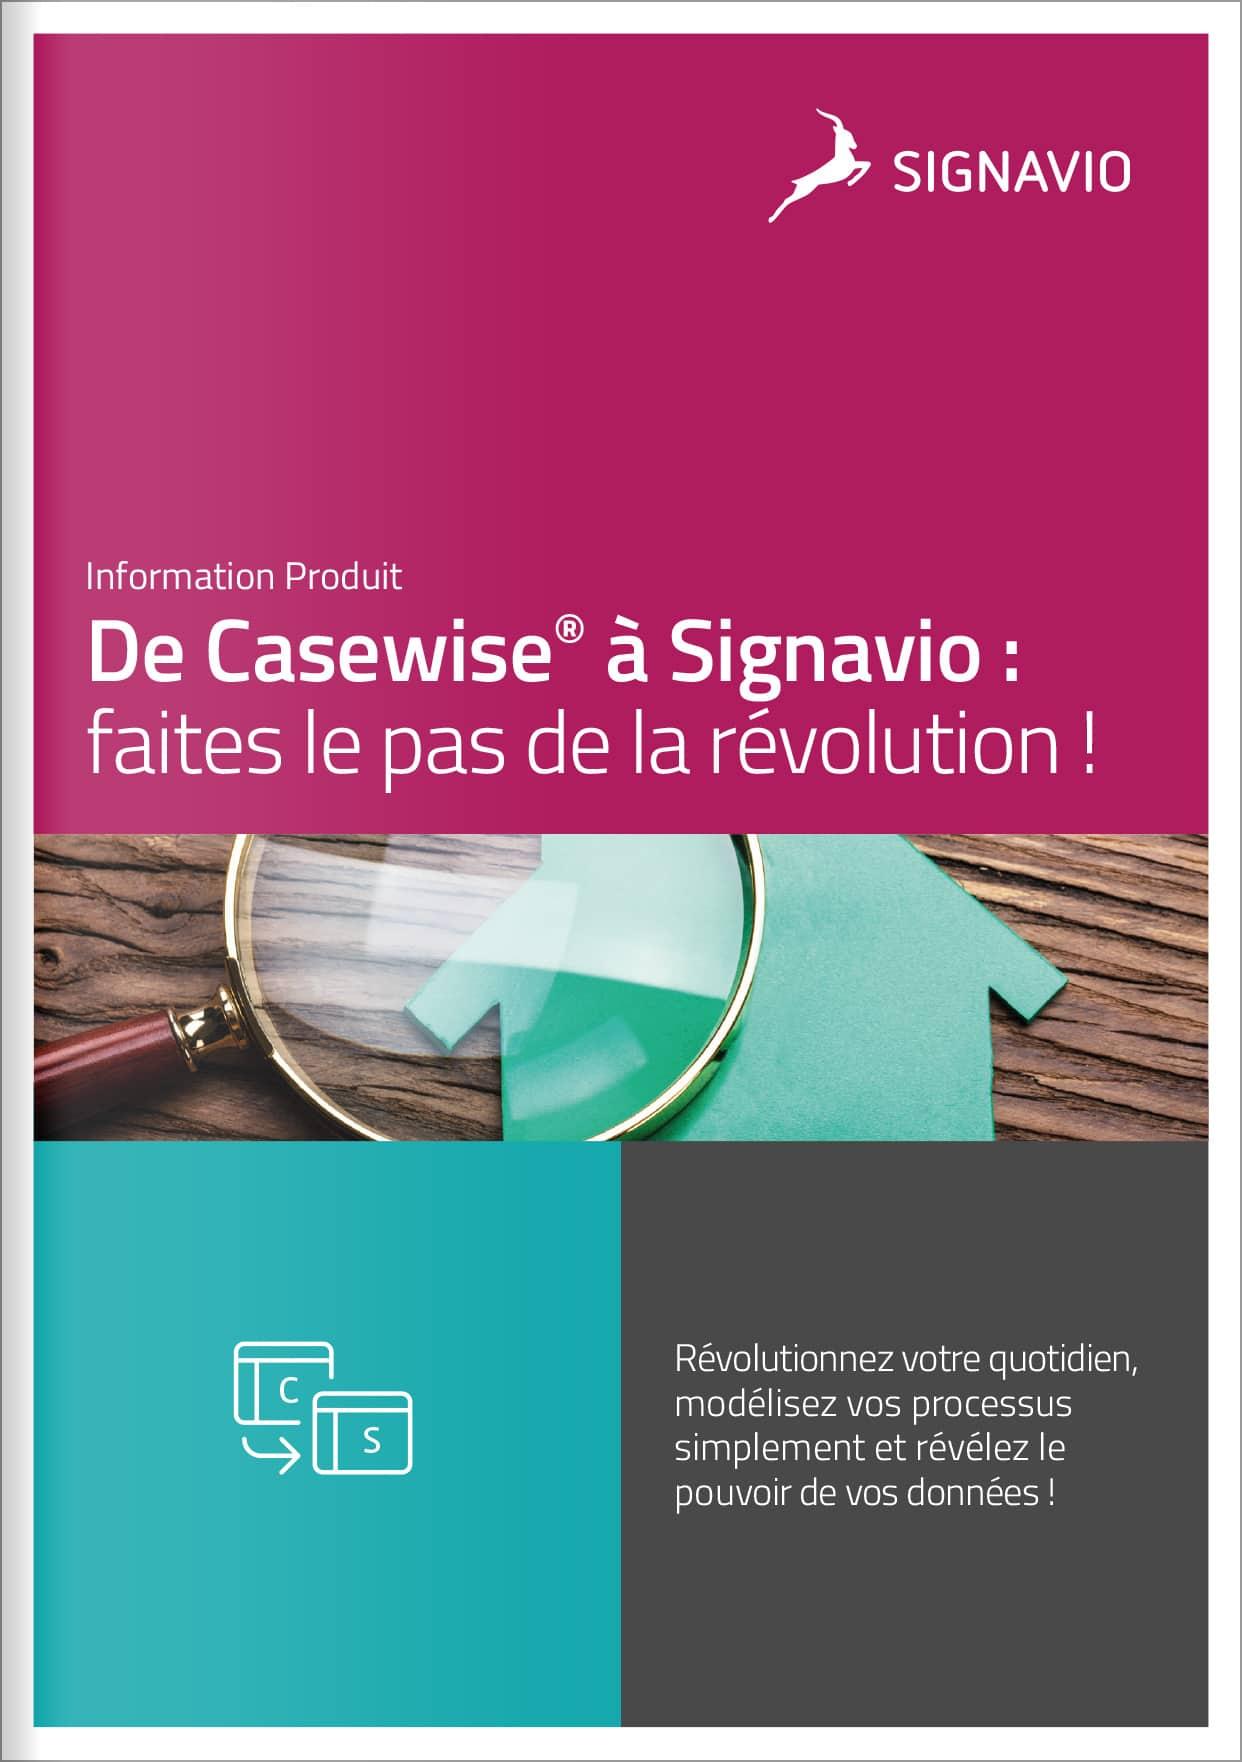 informations-produit-fr-de-casewise-a-signavio